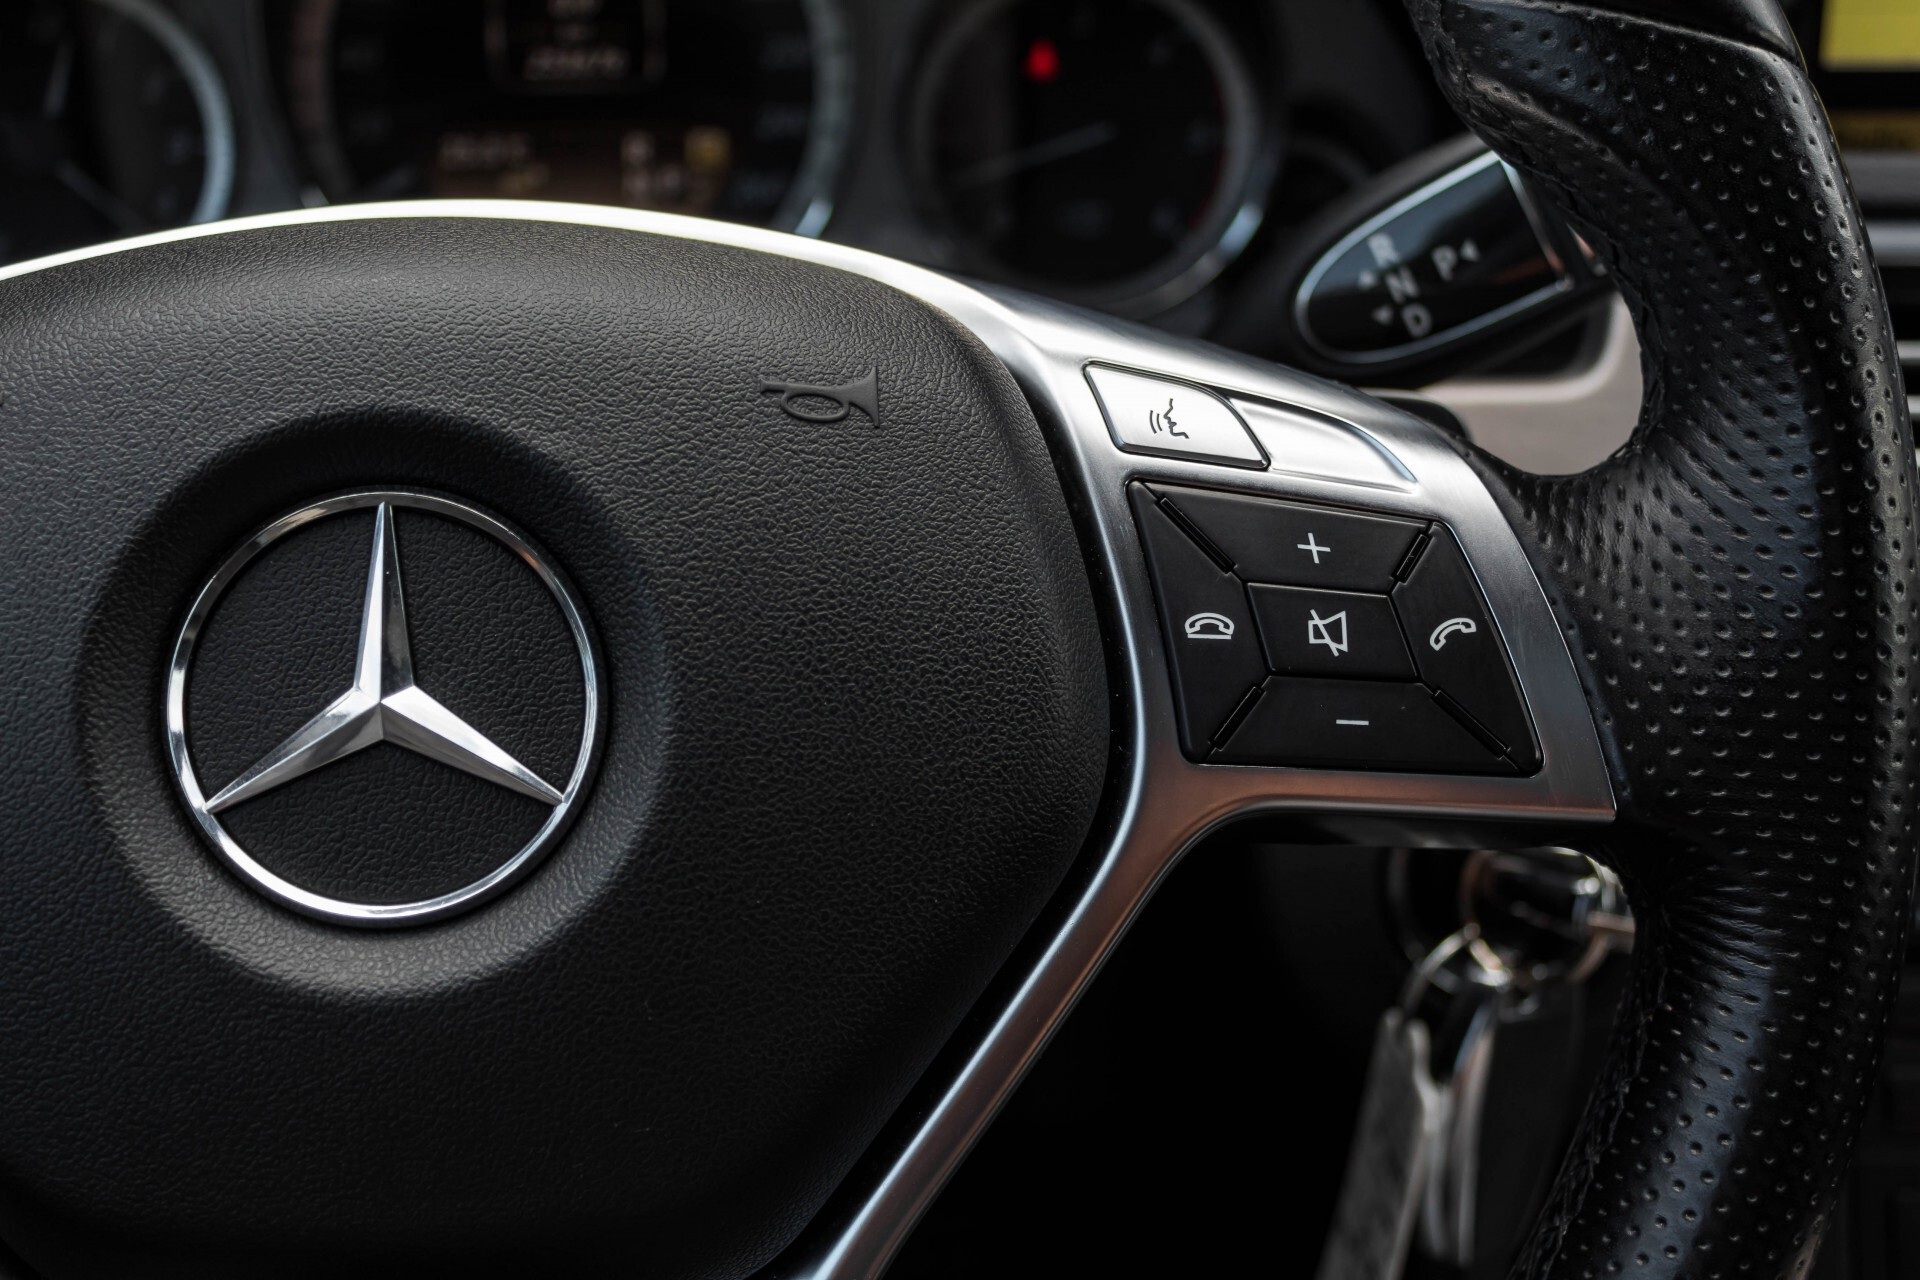 Mercedes-Benz E-Klasse Estate 350 Cdi AMG Luchtvering/Schuifdak/Comand/Harman Kardon/ILS Aut7 Foto 15